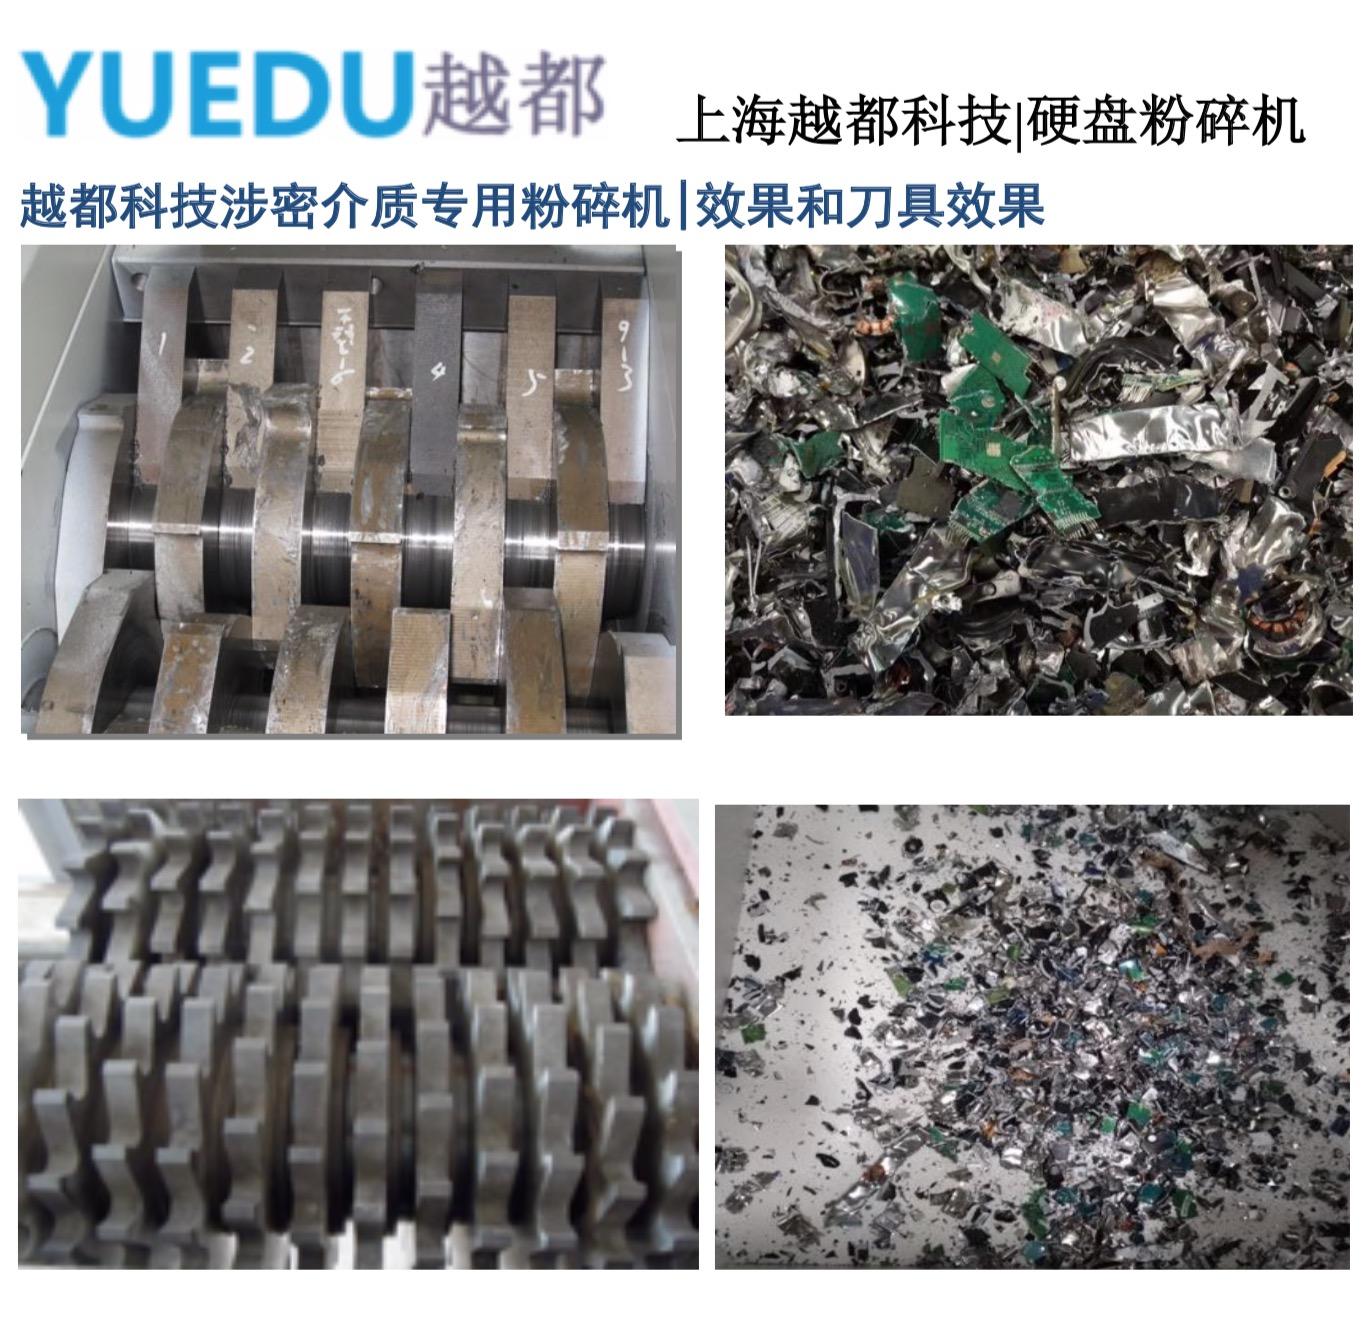 越都300机型硬盘粉碎机刀具部分图